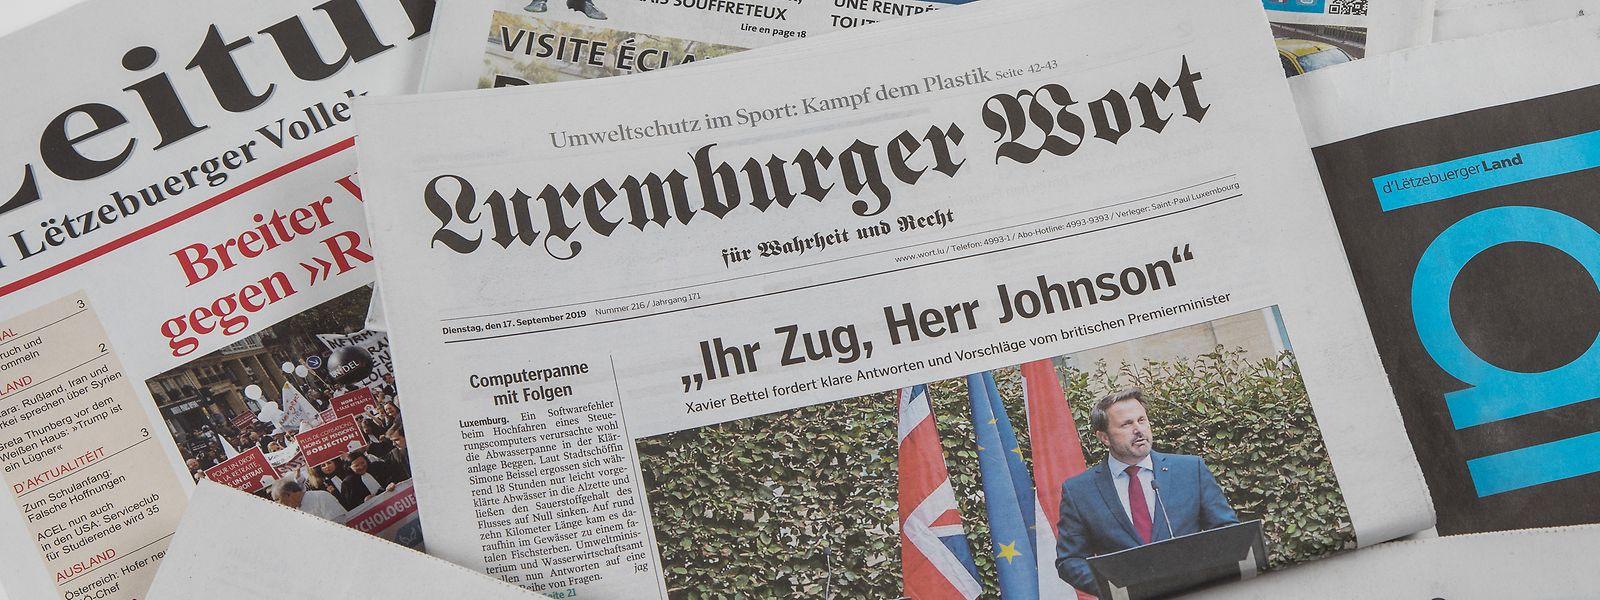 """Die Marke """"Luxemburger Wort"""" konnte ihre Reichweite erneut ausbauen."""